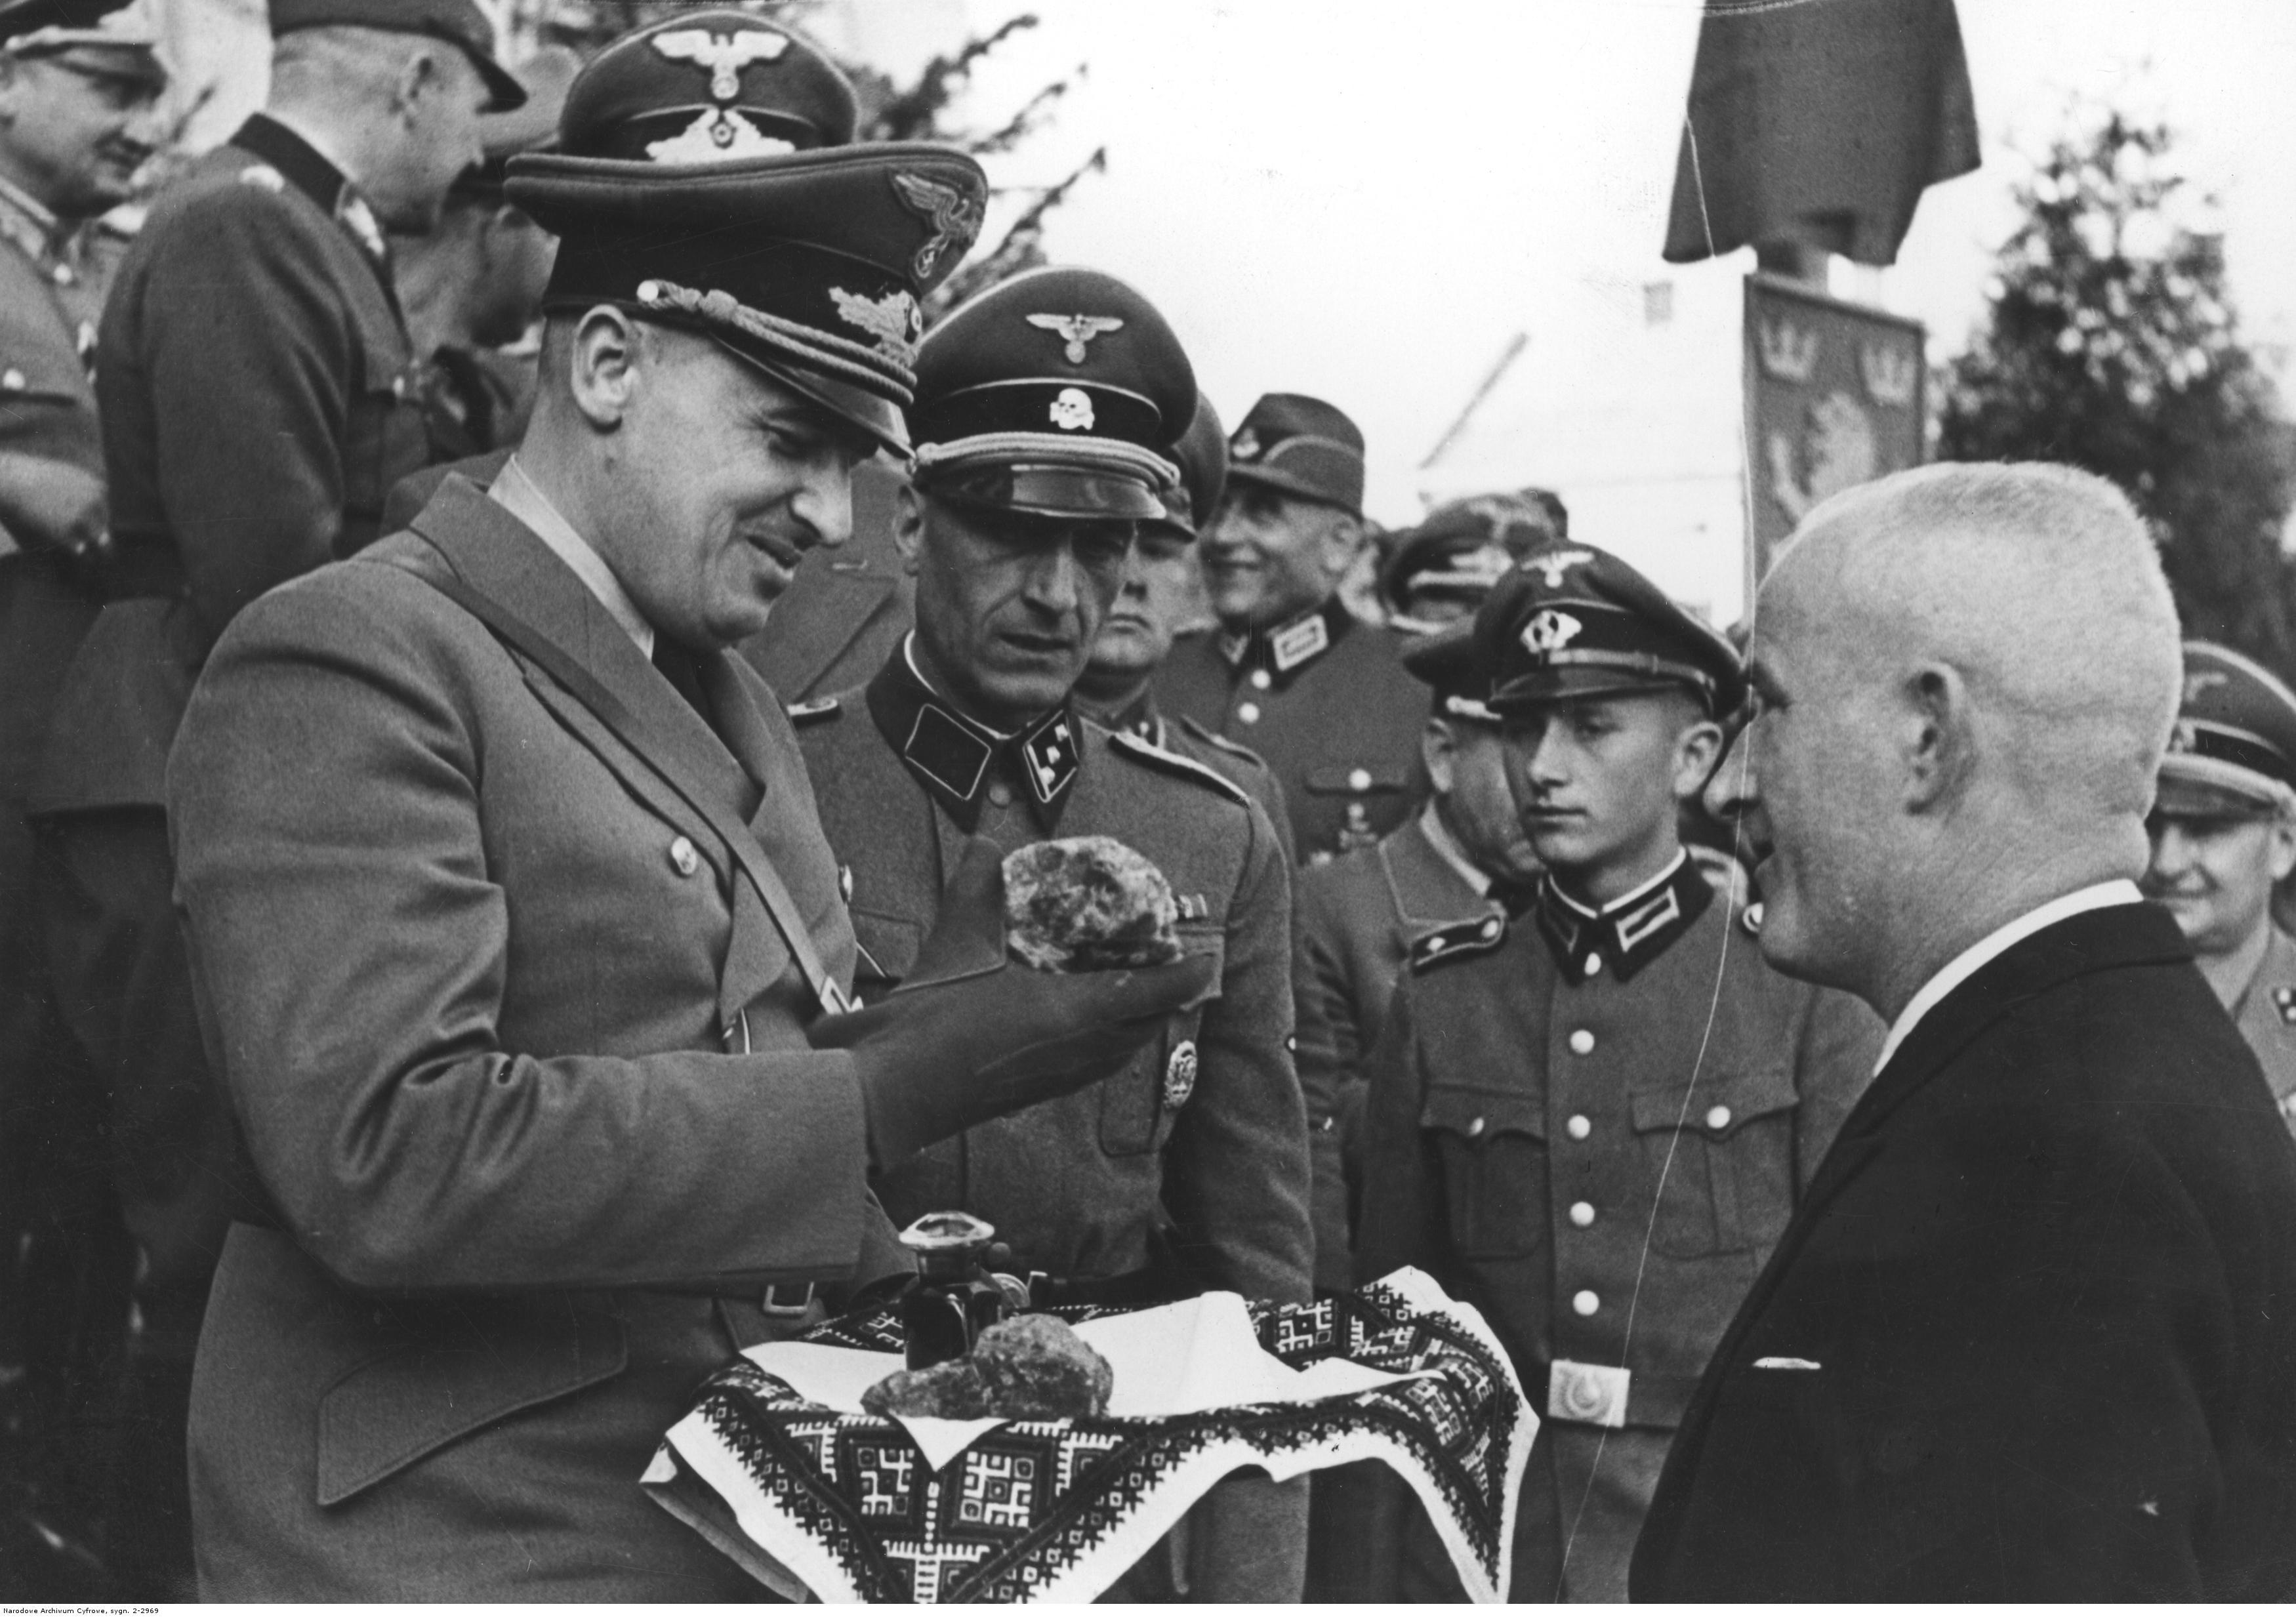 1941-1944. Украинское население Дрогобыча приветствует генерал-губернатора Ганса Фрэнка во время инспекционной поездки